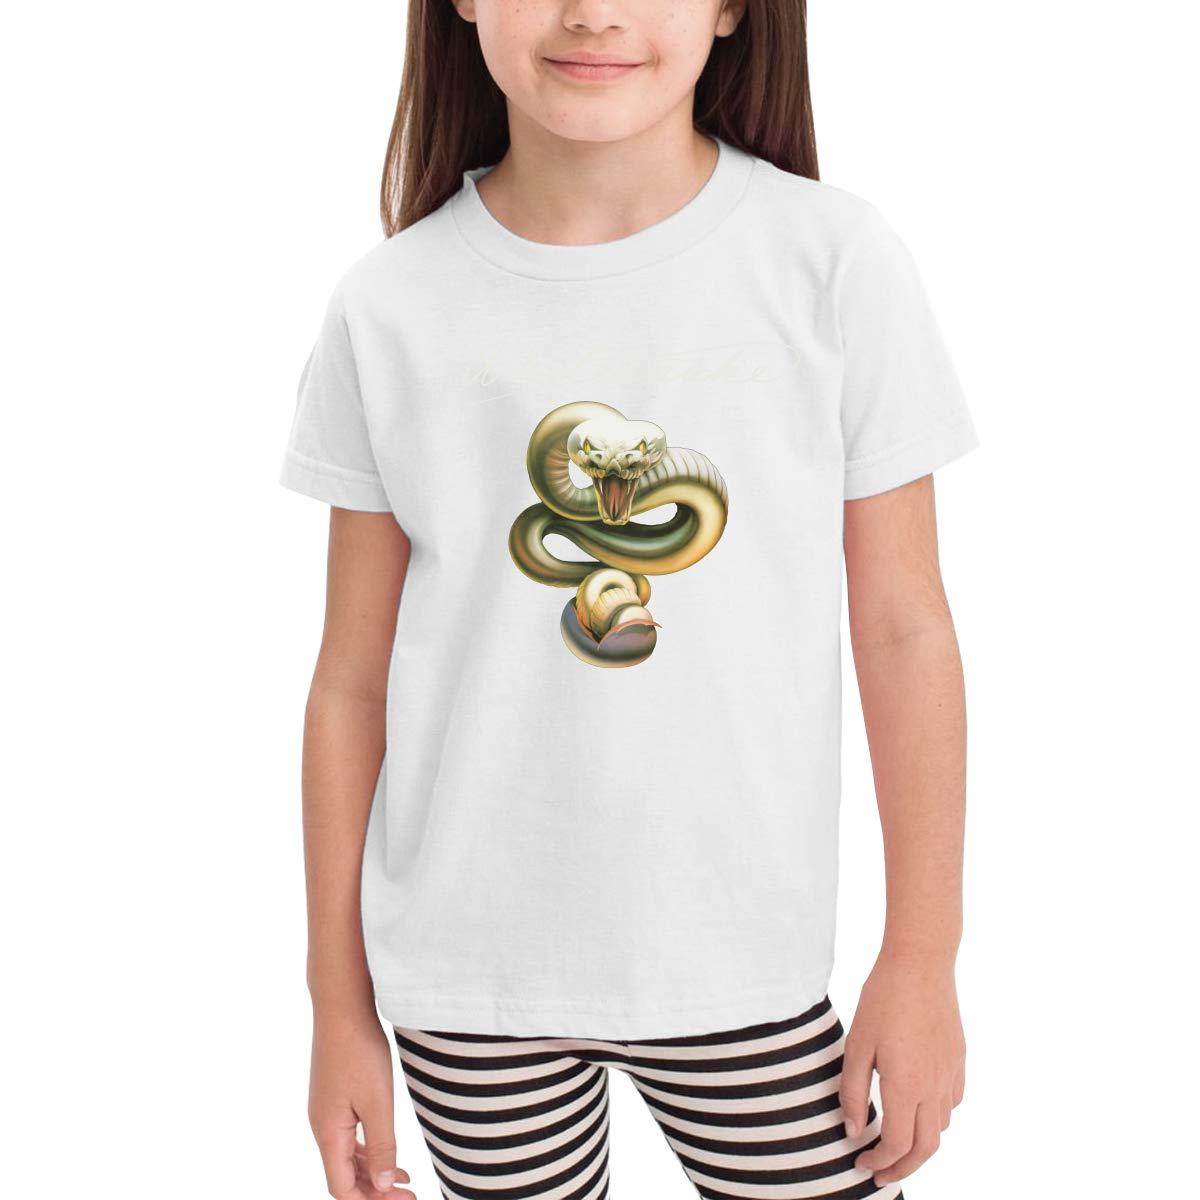 SuperLee Childrens Whitesnake Cute Short Sleeve Tshirt Black